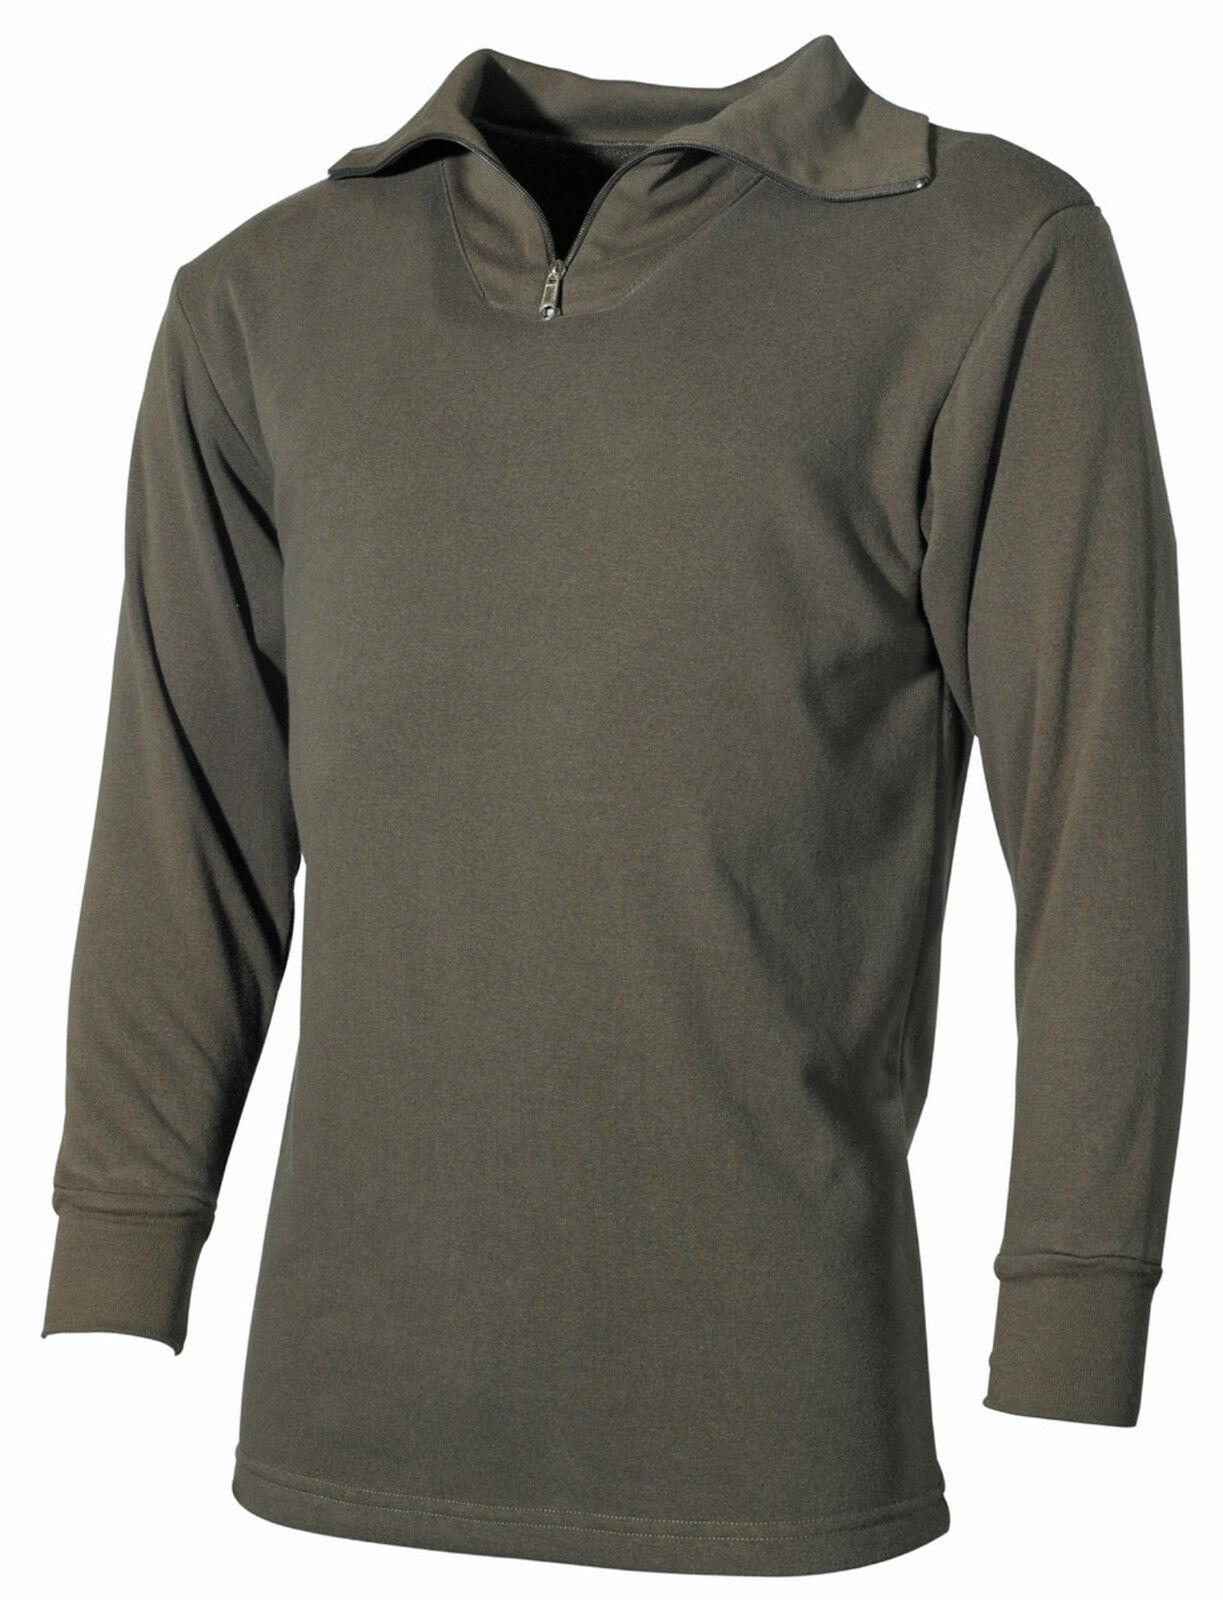 MFH Plüsch Rollkragenhemd BW Modell Half Zip Rolli Winterhemd Unterhemd oliv